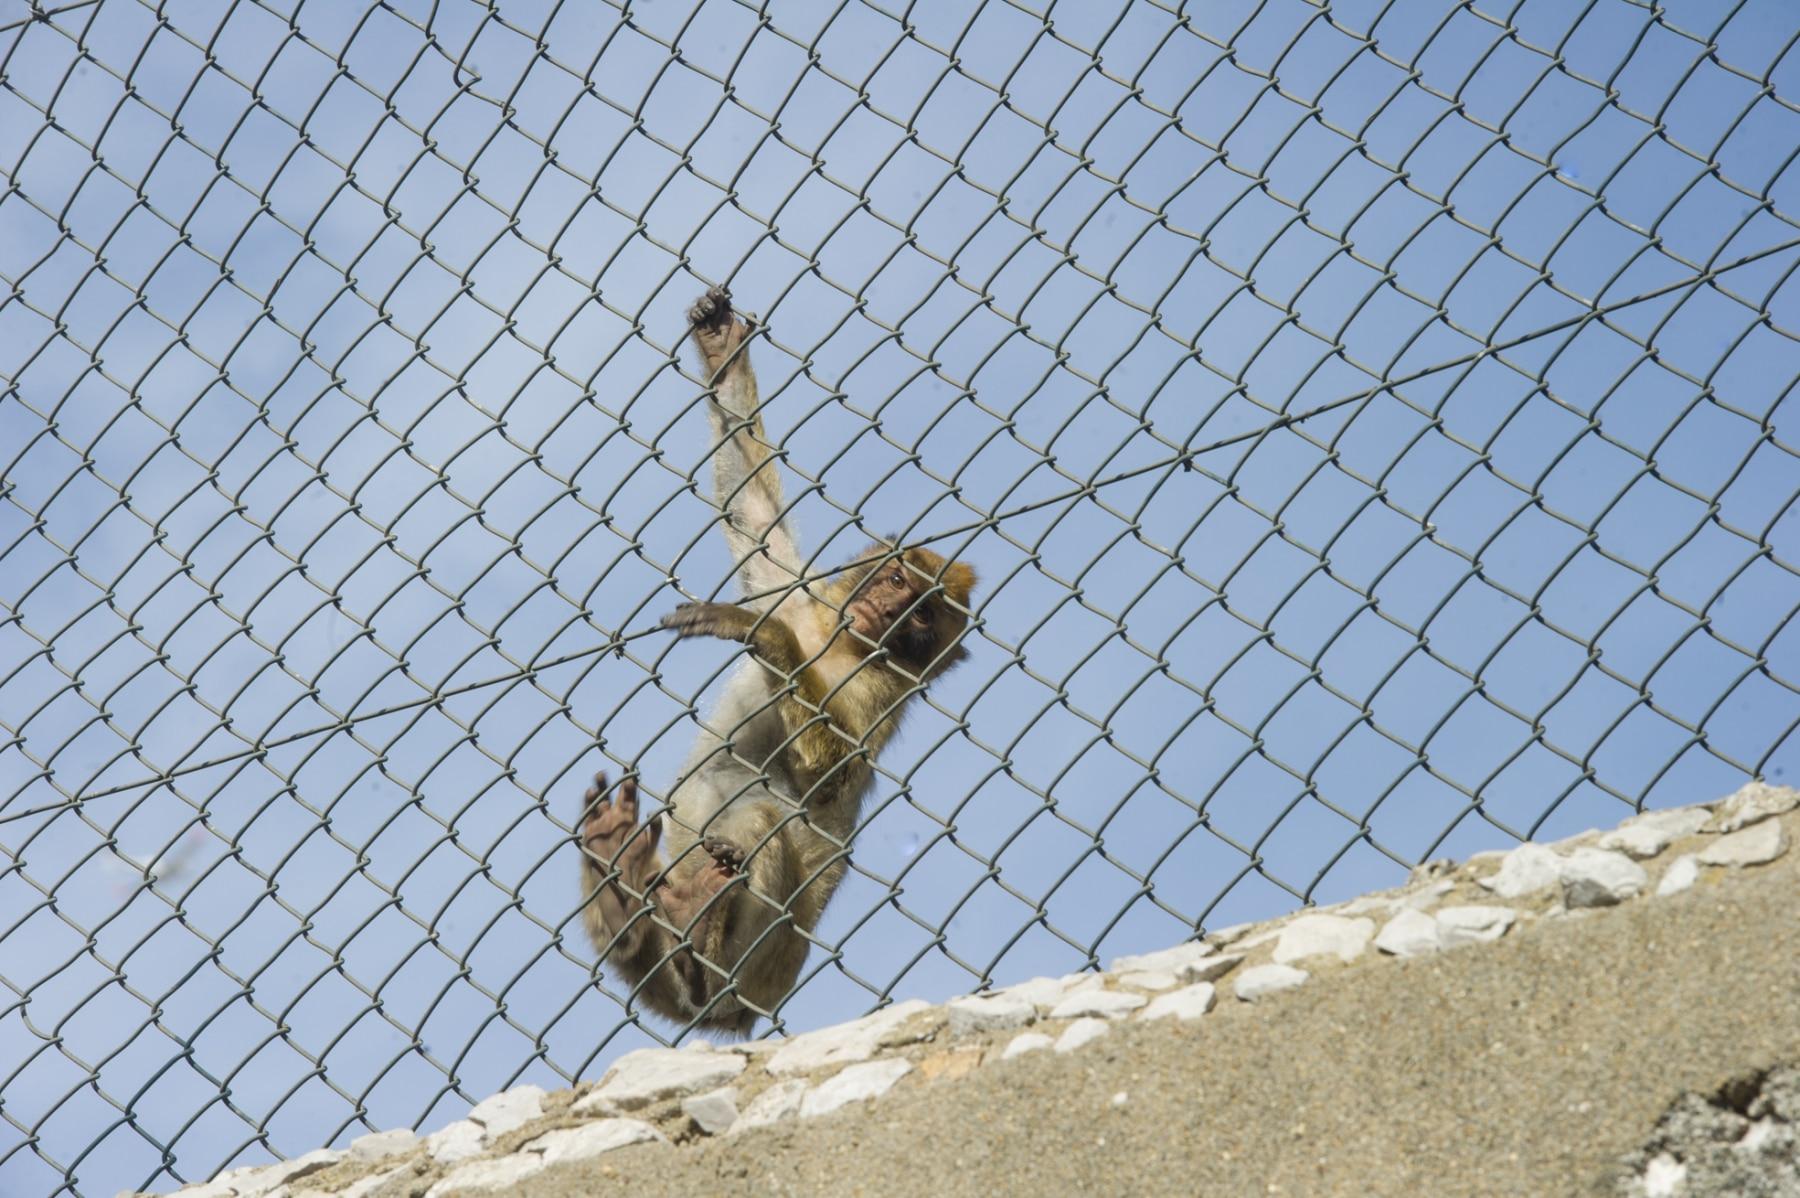 Monos-en-la-ciudad-8